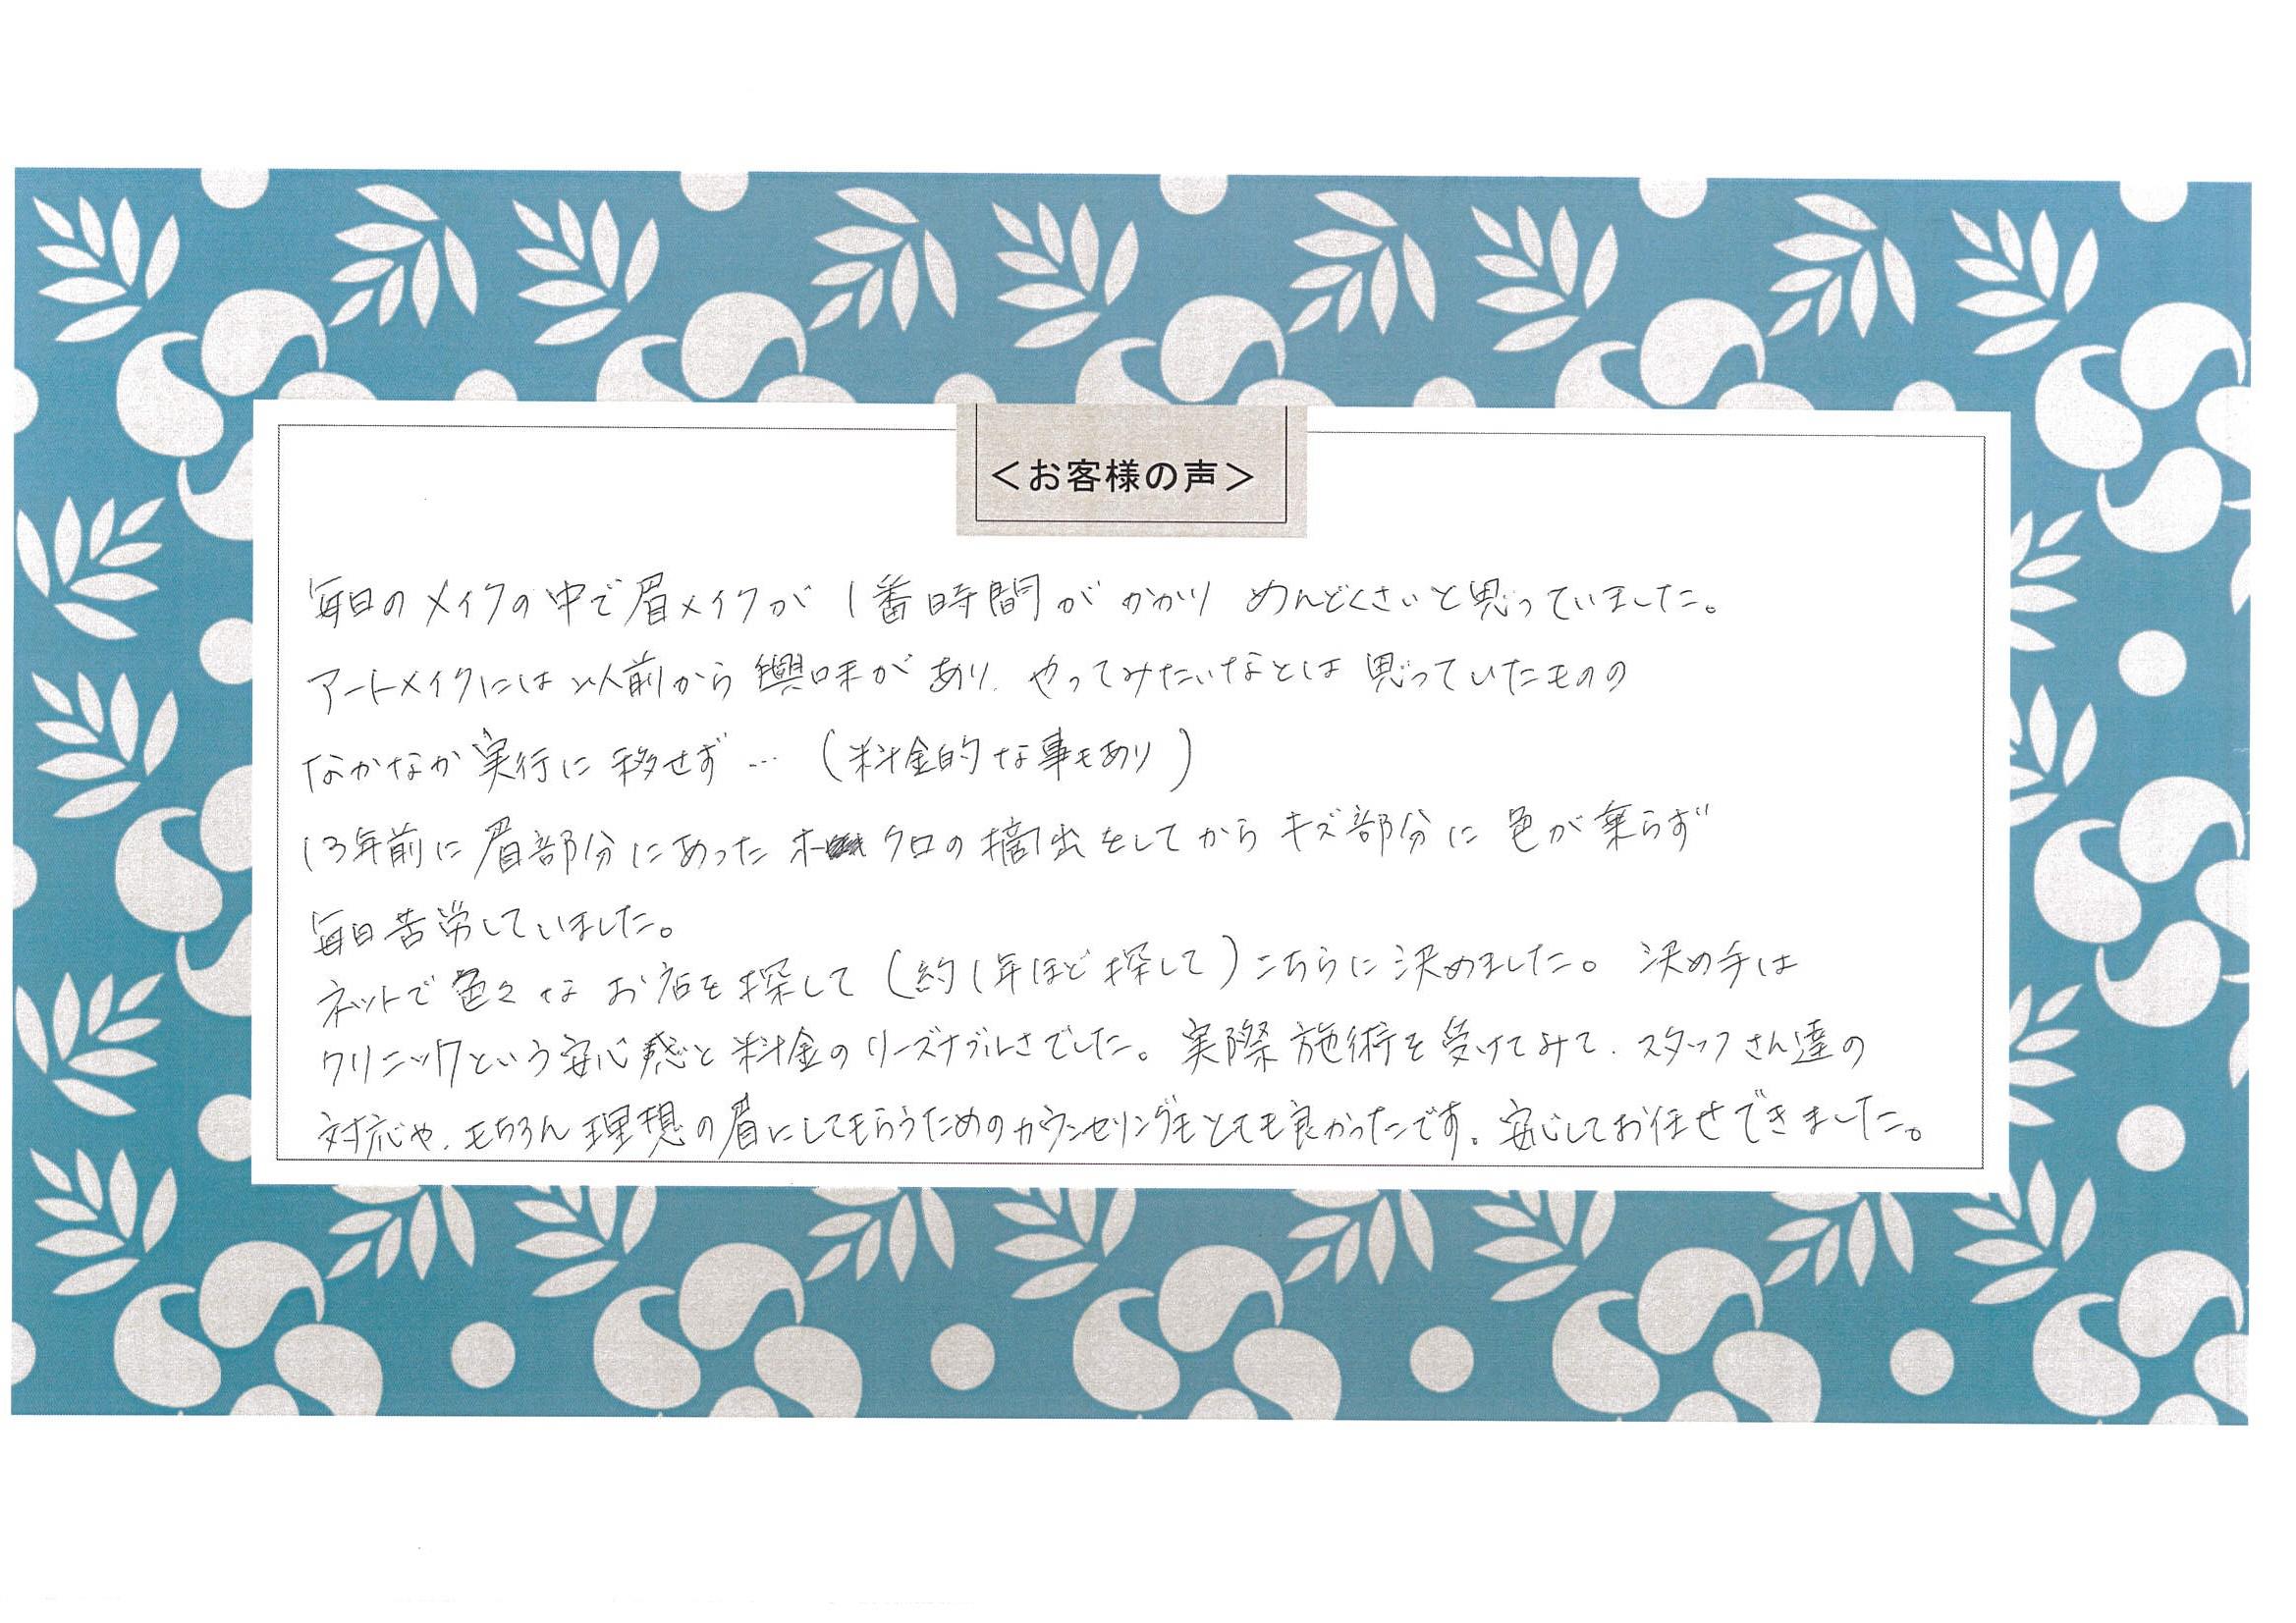 渋谷の森クリニック アートメイク アンケート 口コミ